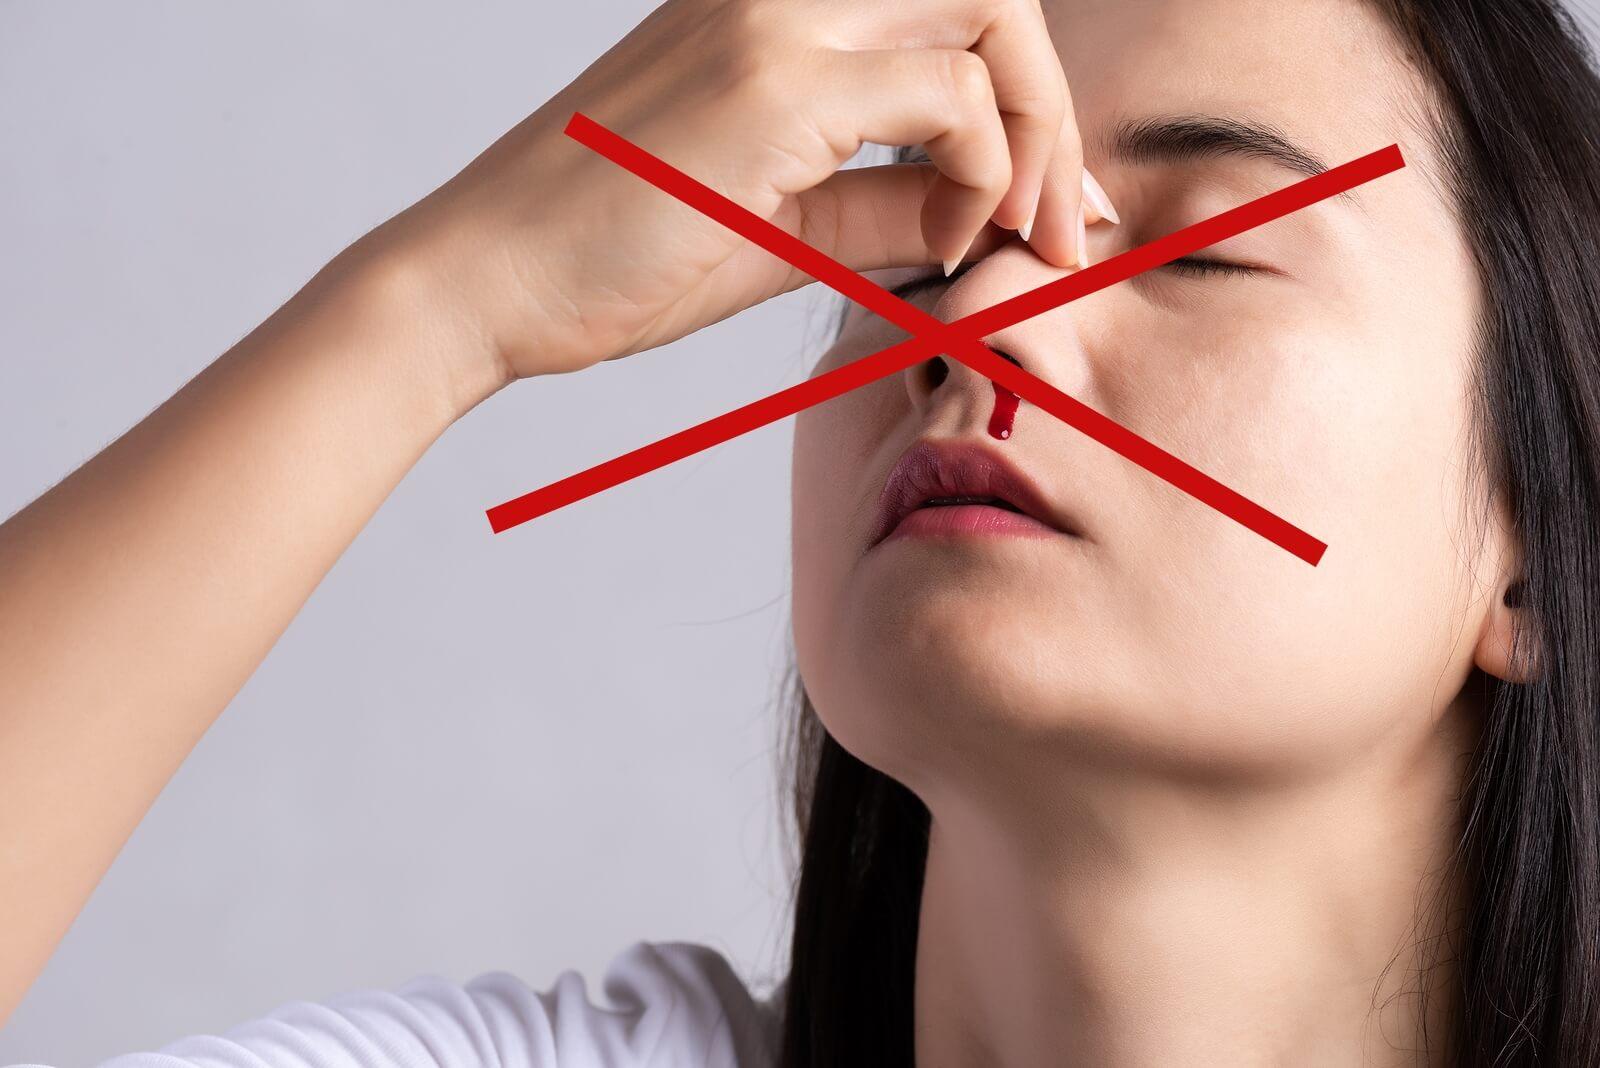 ¿Qué no debemos hacer cuando nos sangra la nariz?